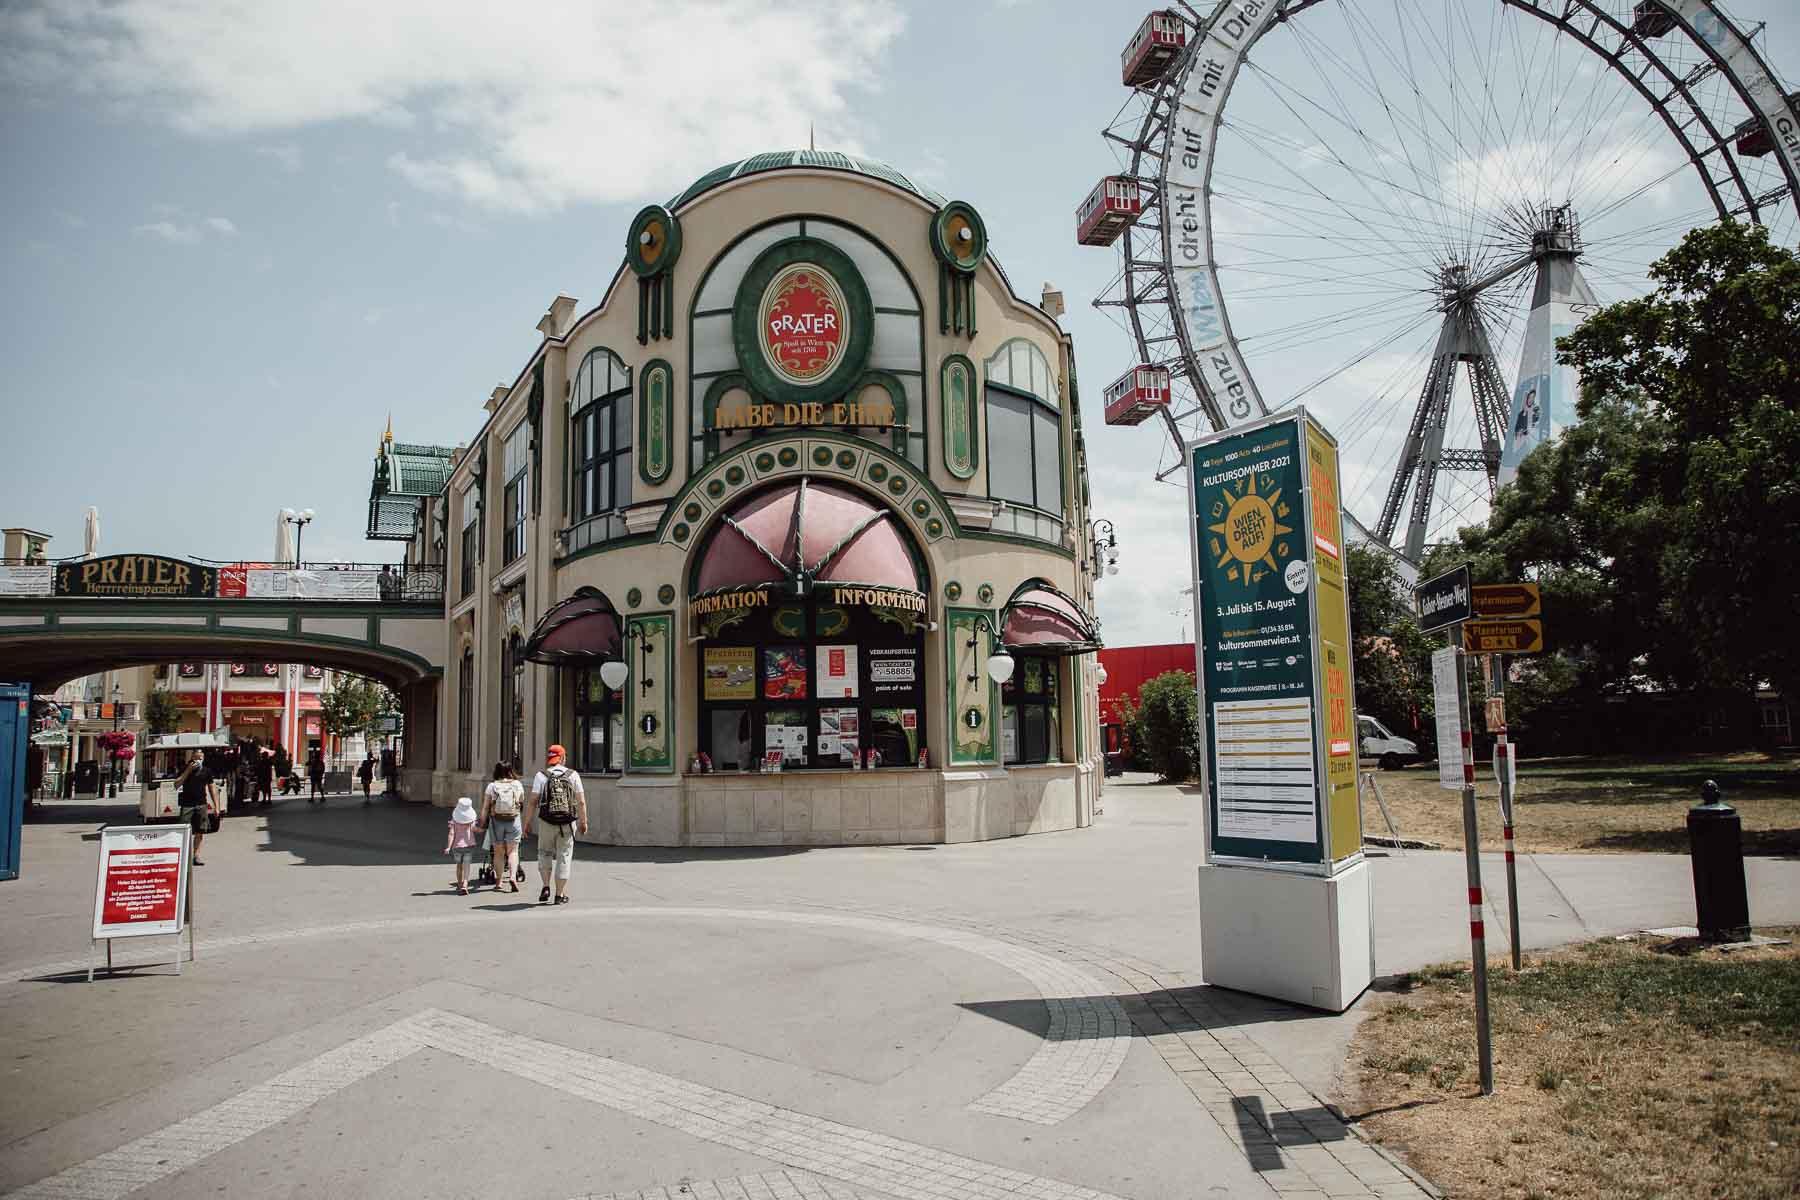 Eingang des Wiener Praters mit Informationsstand